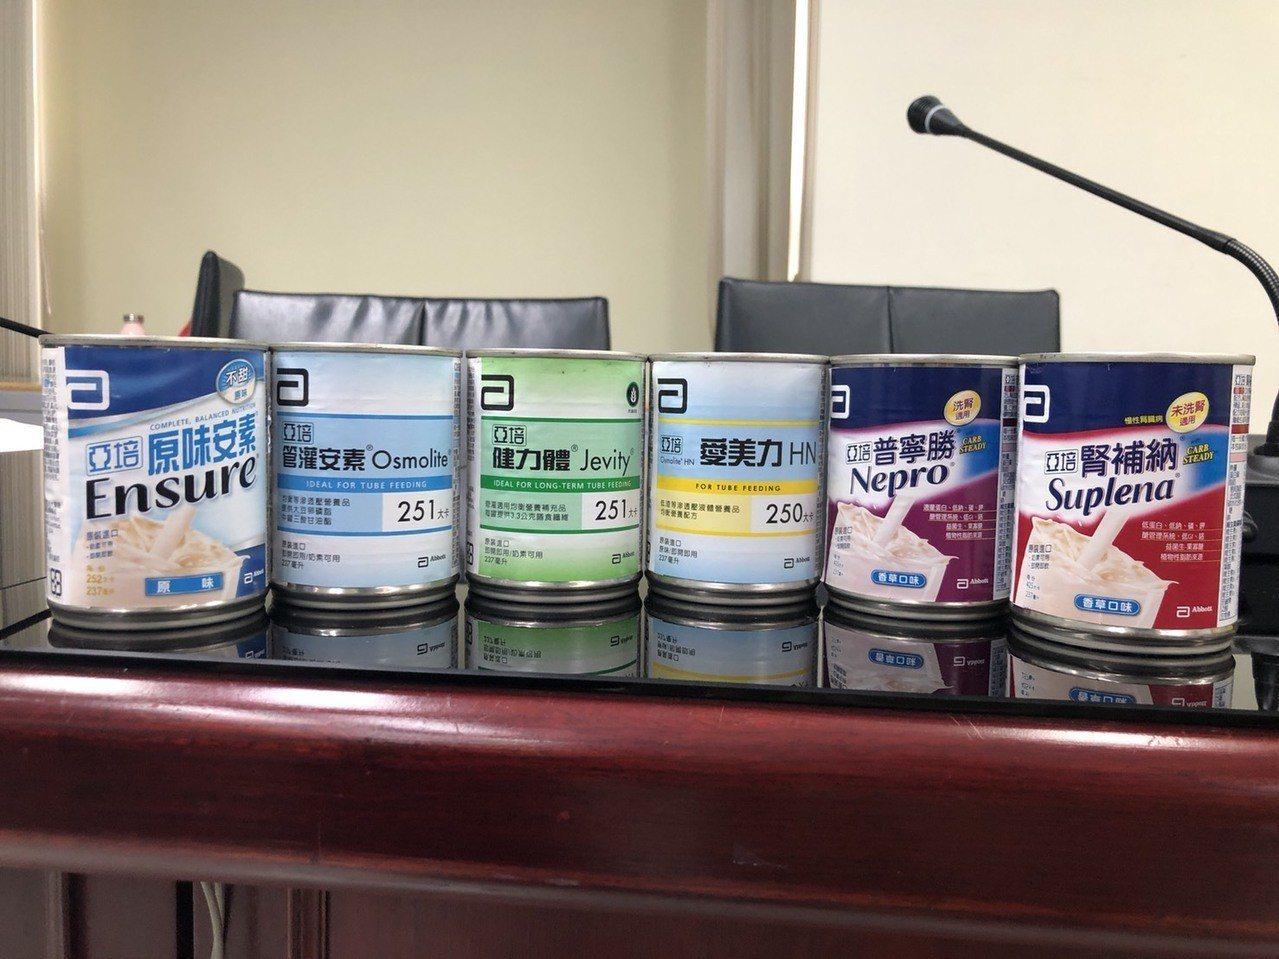 亞培六款營養補給品爆出品質問題。聯合報系資料照片/記者陳靖宜攝影